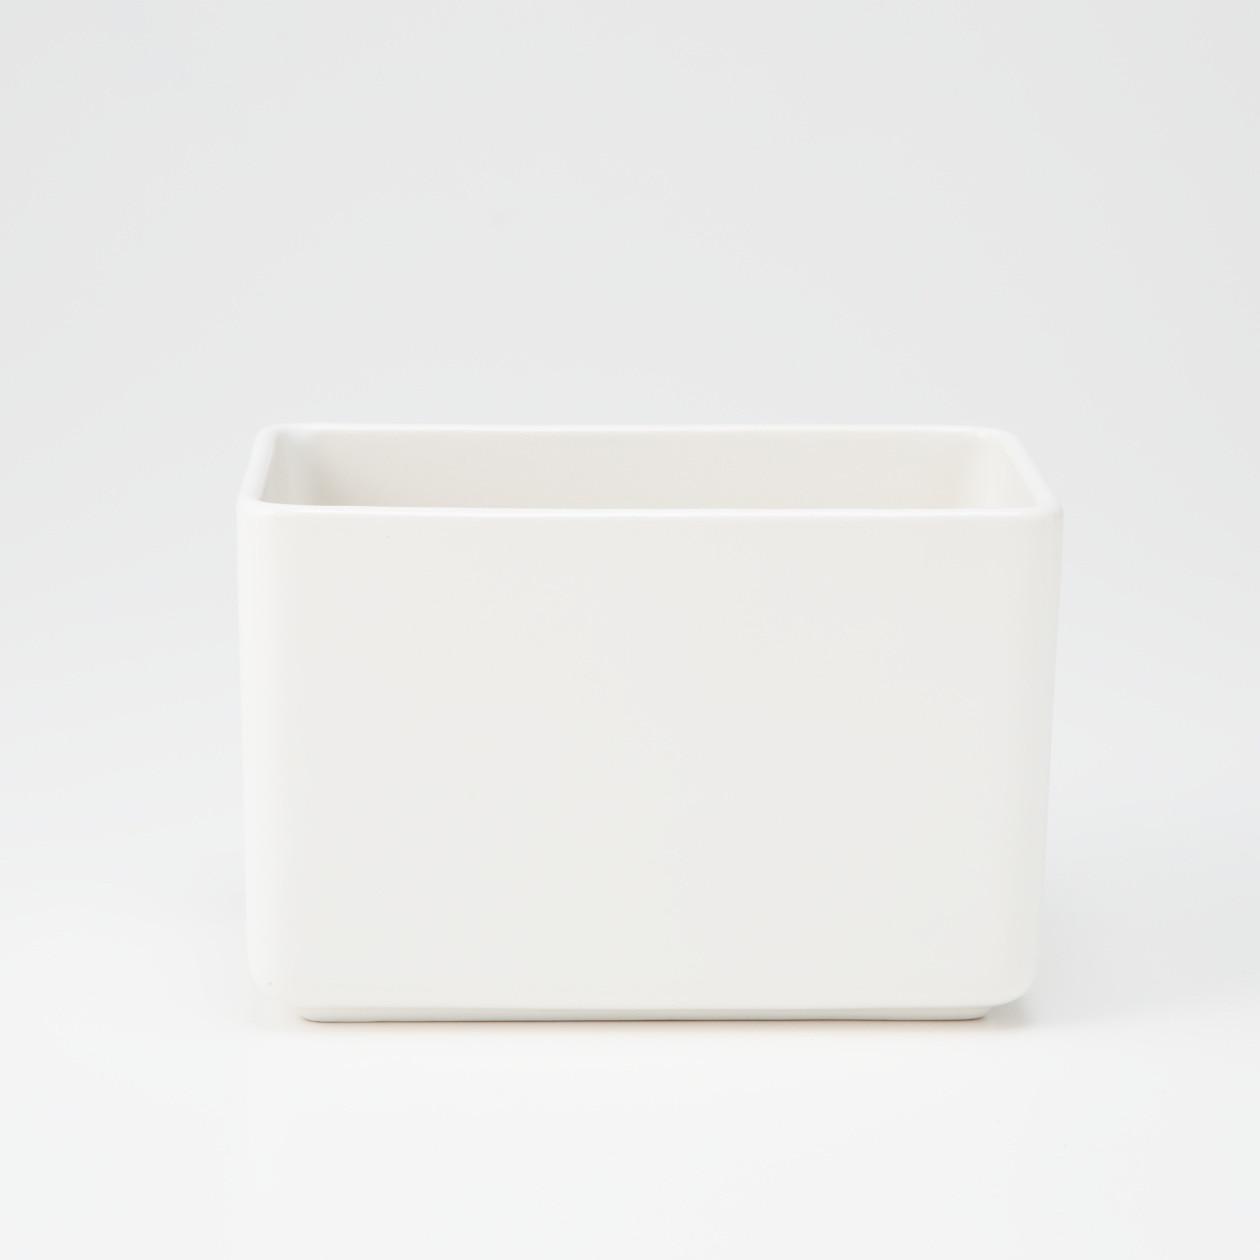 【ネット限定】瀬戸焼 磁器角鉢